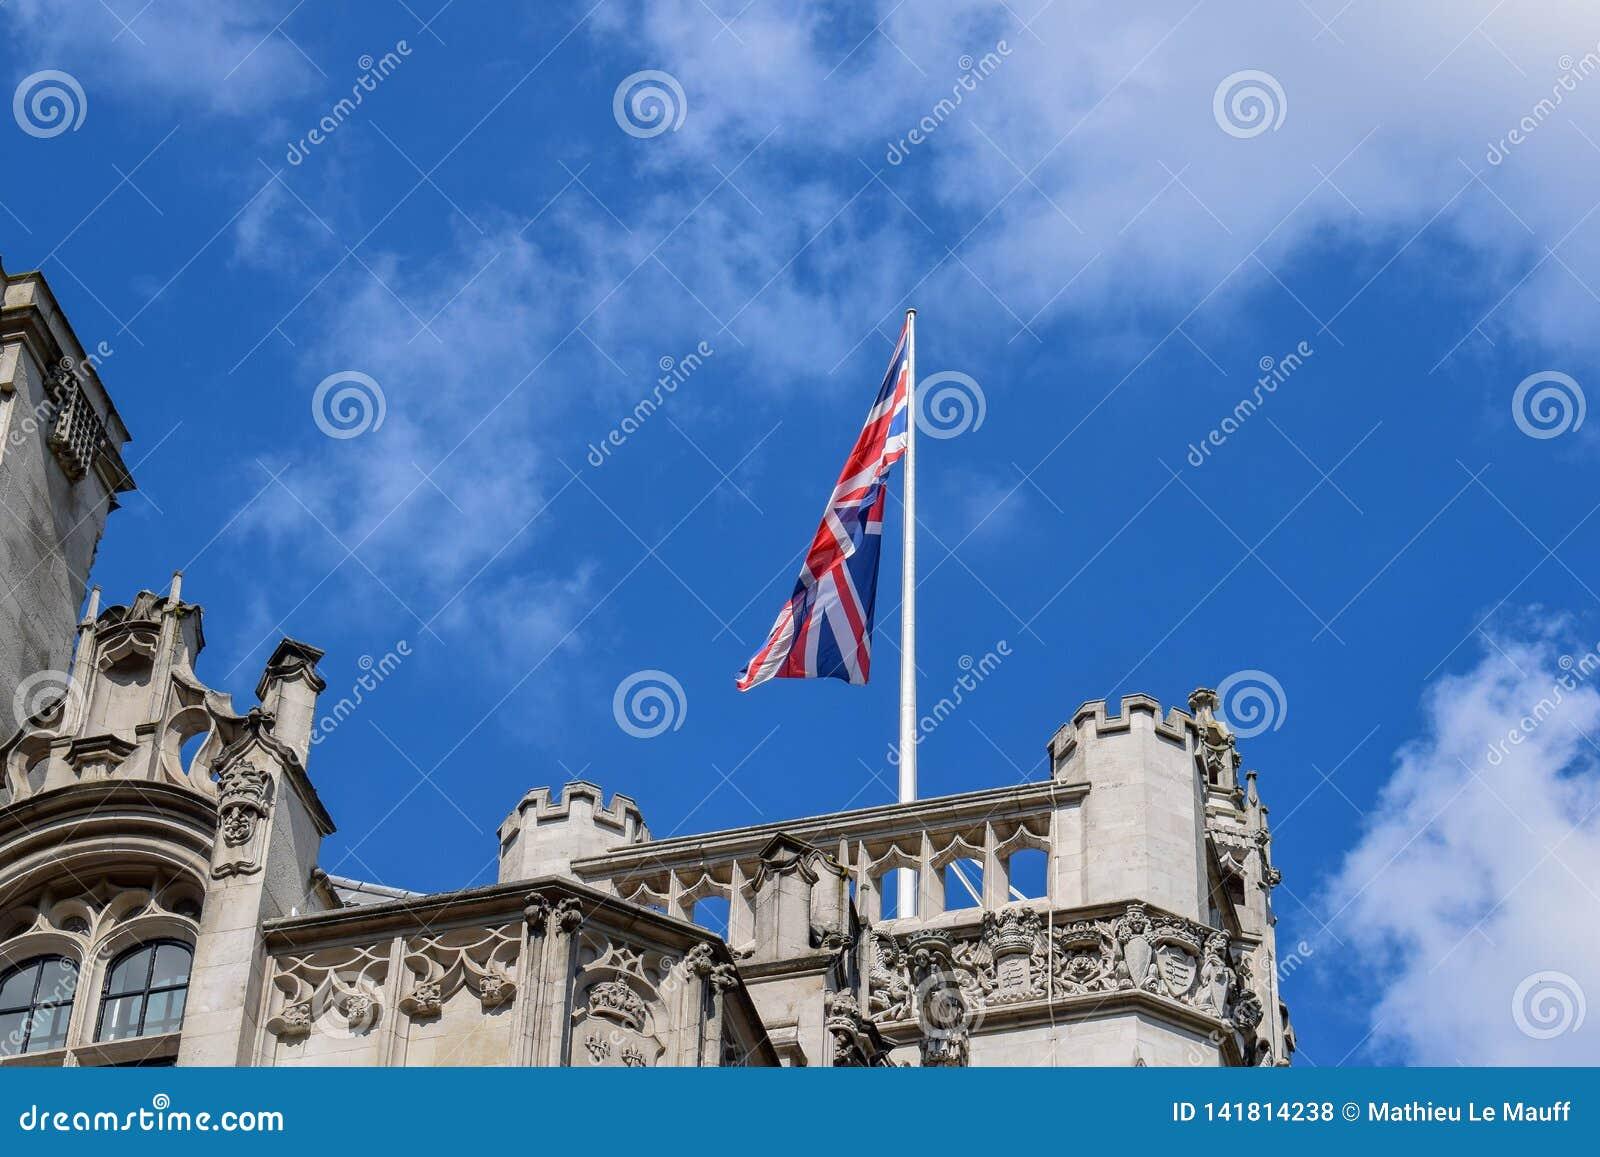 Drapeau ( des syndicats ; Union Jack) ; Ondulation dans le vent sur un dessus de toit à Londres